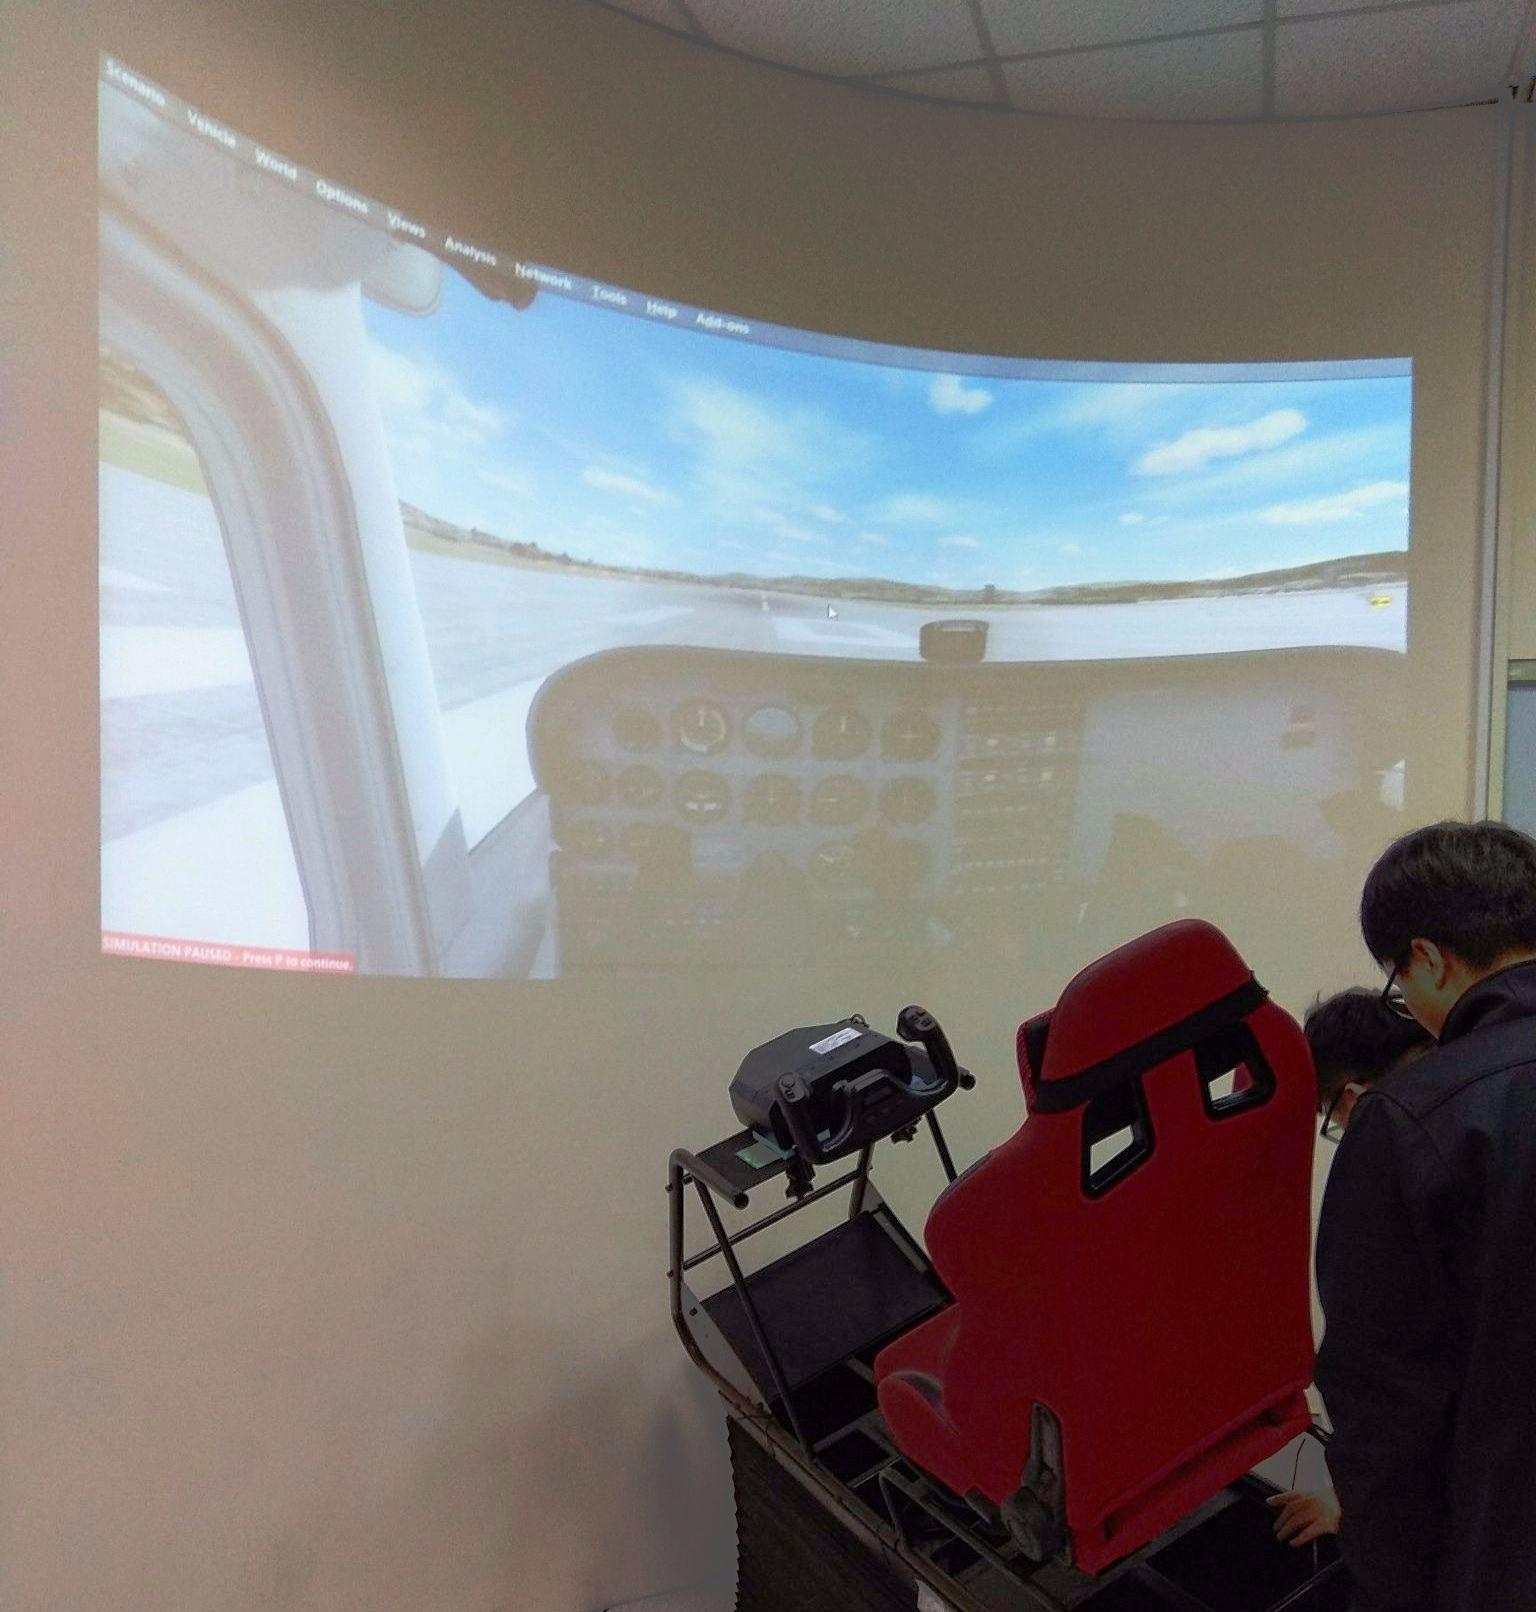 中華科大遠從新竹縣帶來三軸動感飛行模擬器,絕對要給青少年全新飛行感受。